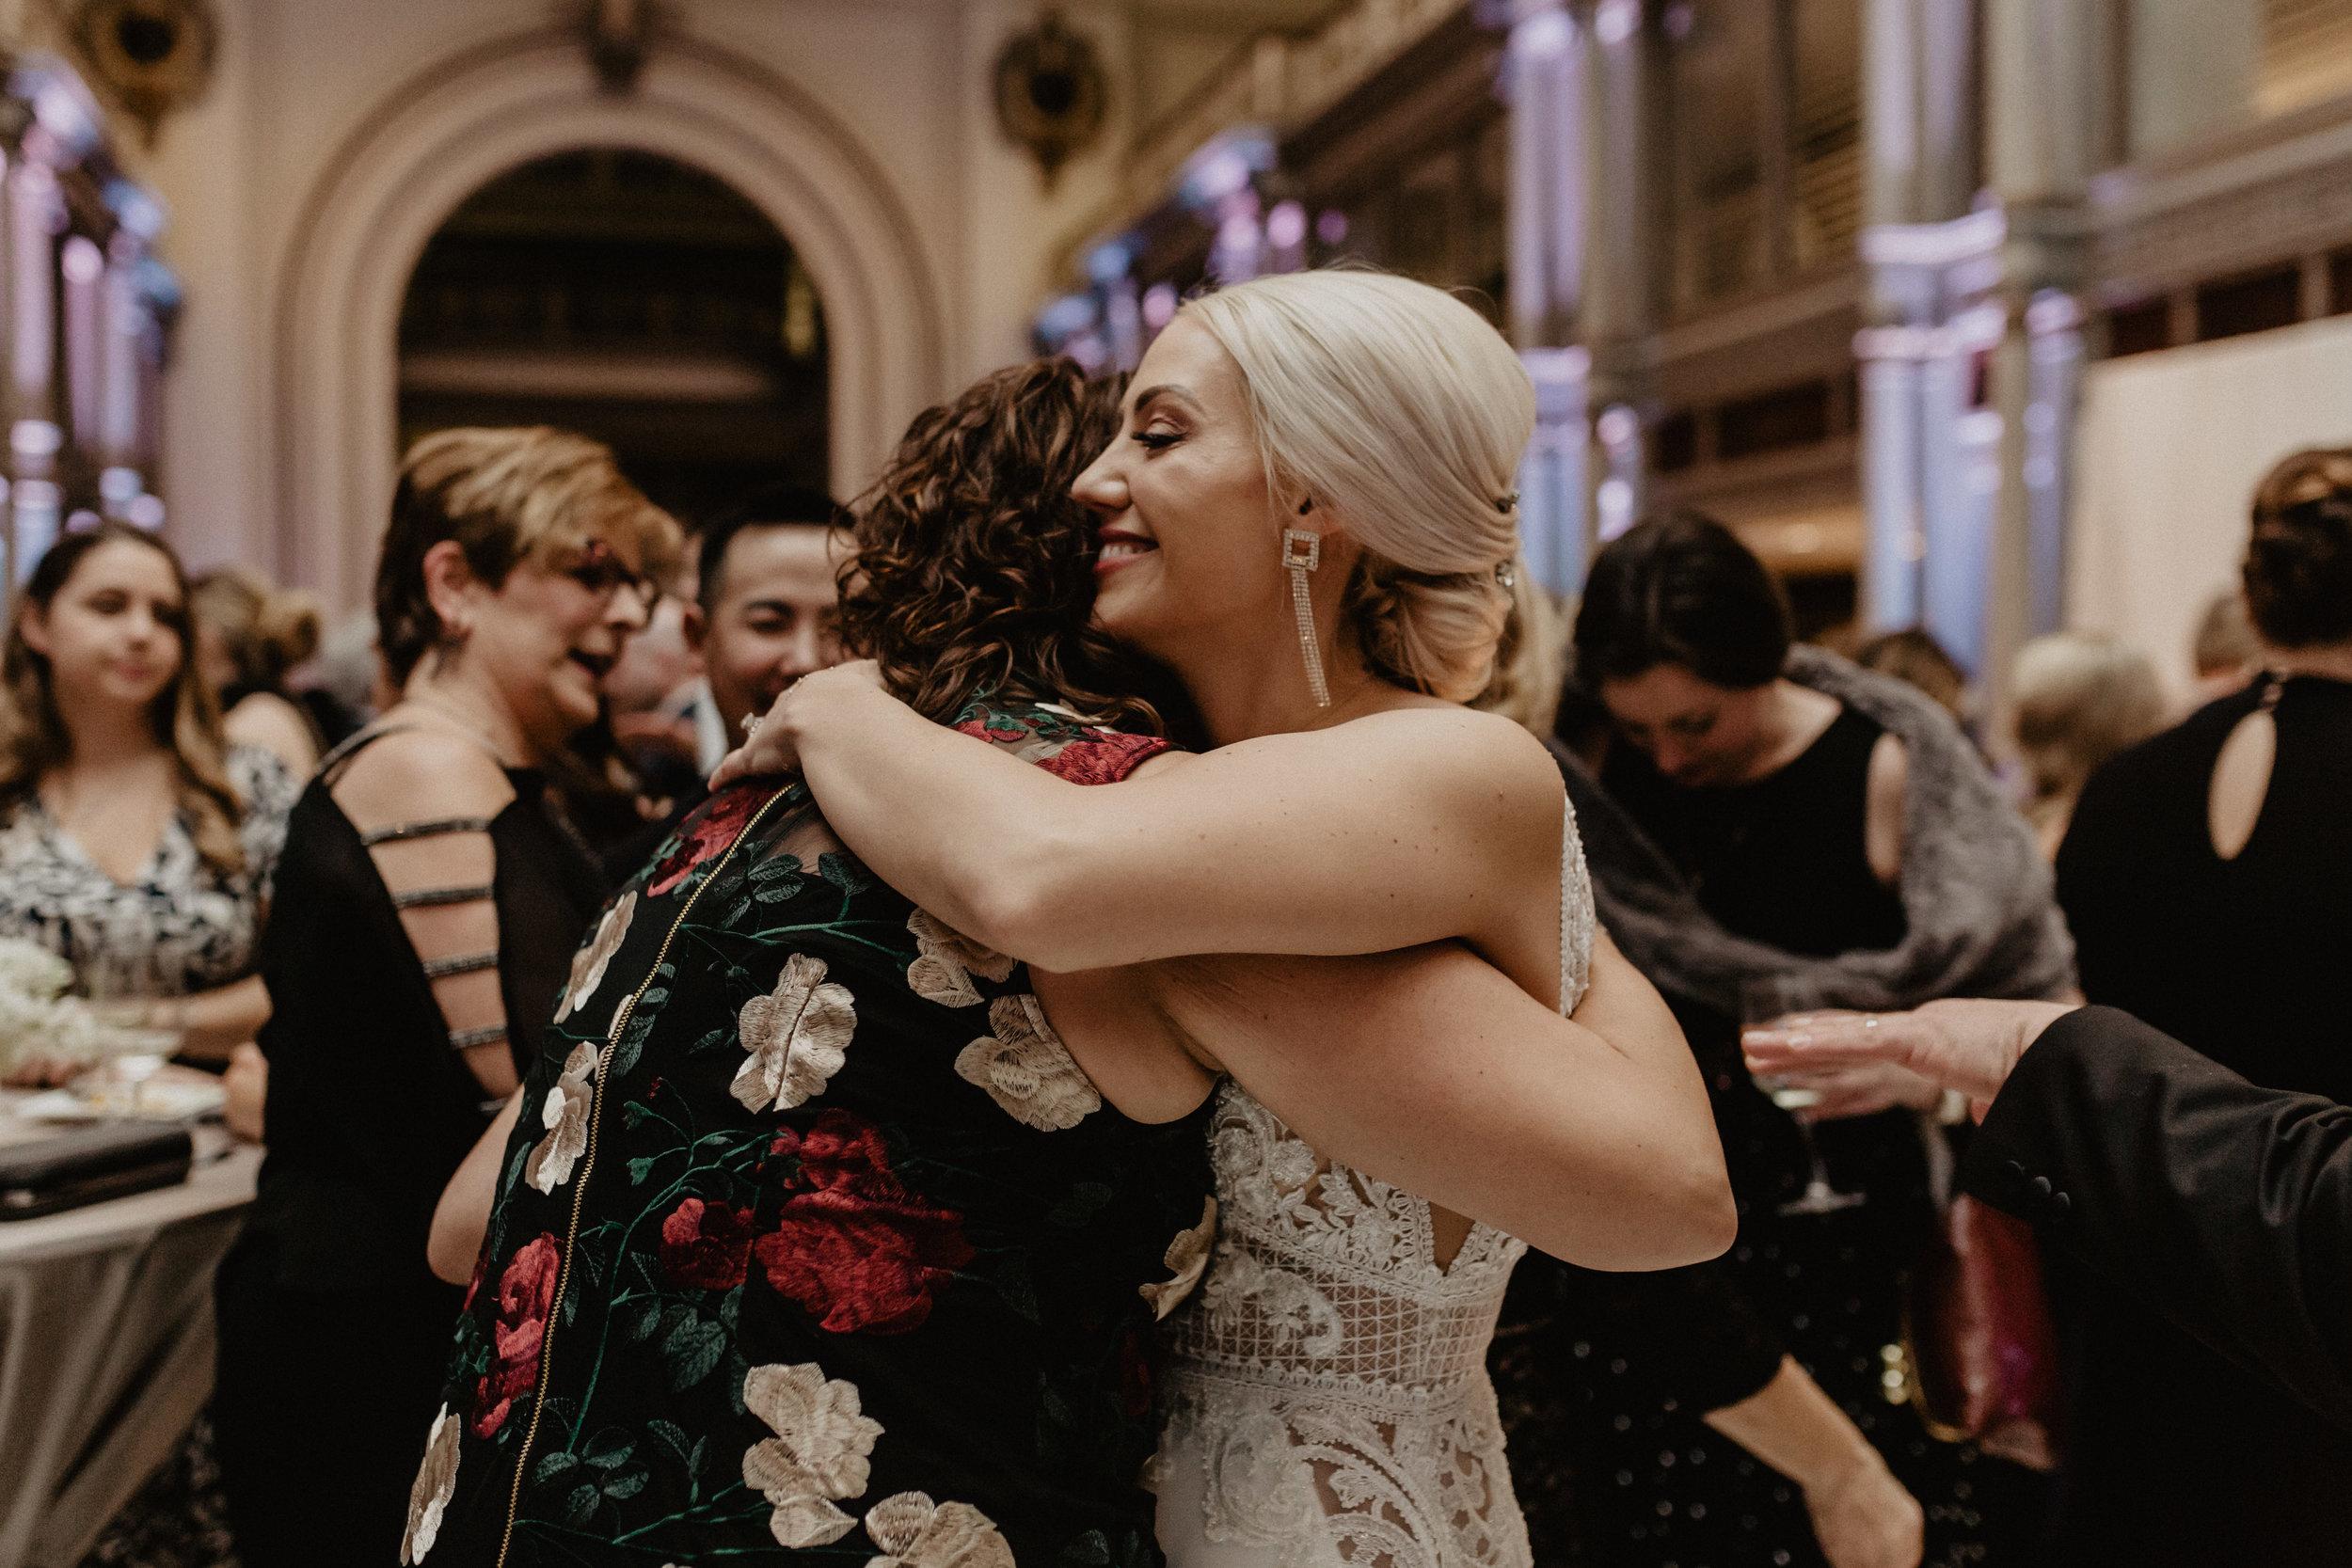 kiernan_plaza_wedding_113.jpg